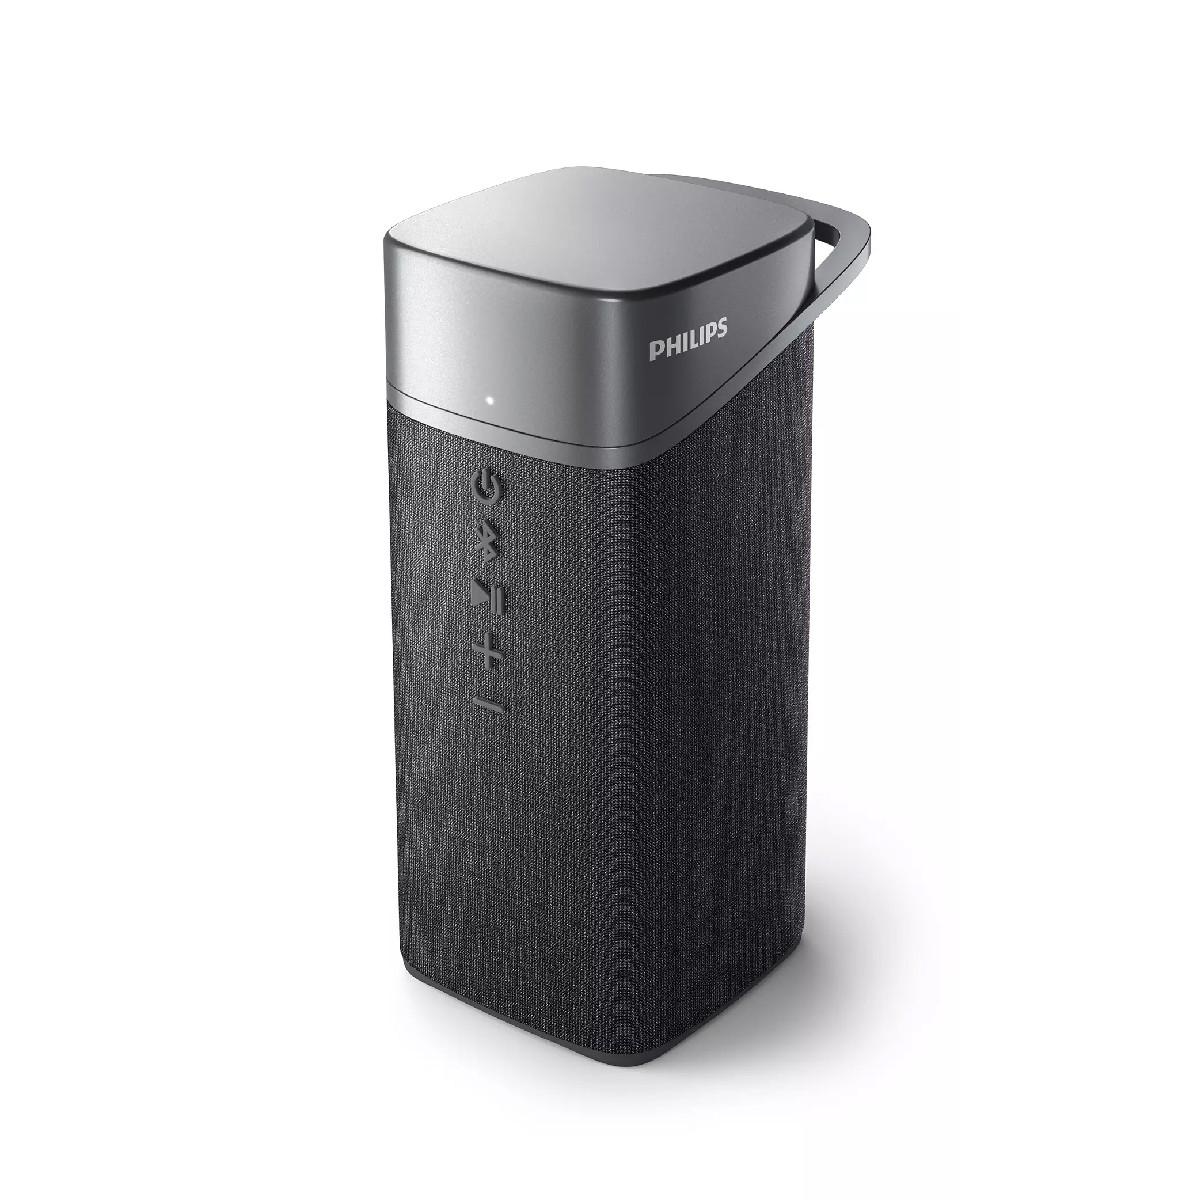 Φορητό Ηχείο Bluetooth Philips TAS3505/00 Γκρι Αδιάβροχο IPX7 5W 1000mAh USB-C